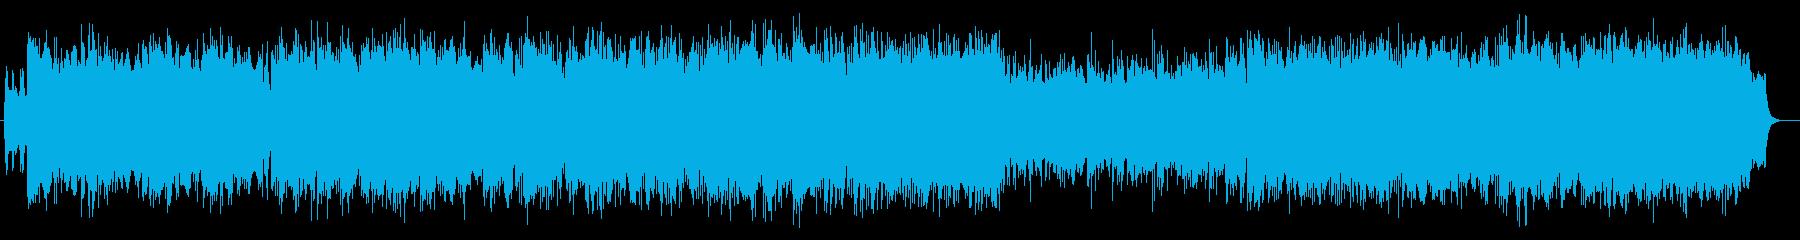 ゆったりと響く、幻想的なバラードの再生済みの波形